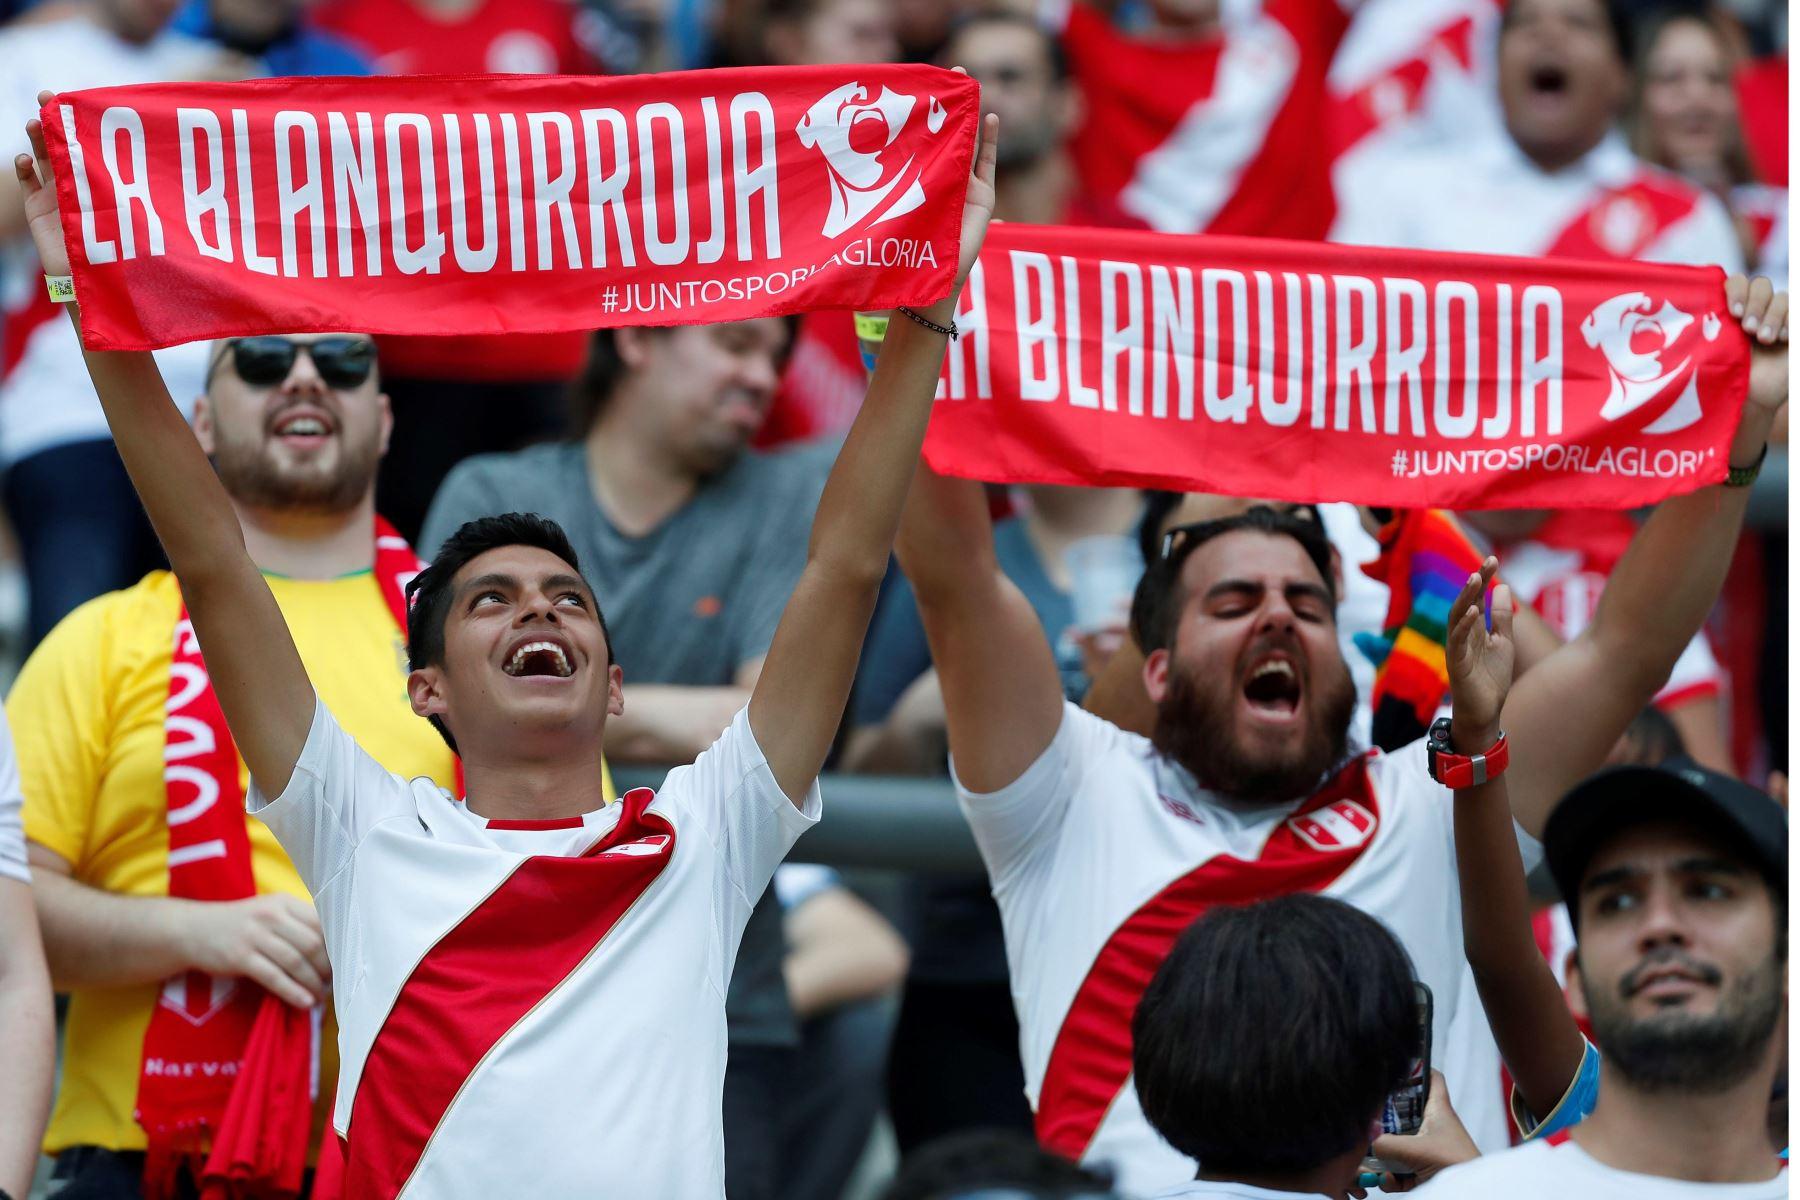 Aficionados de Perú animan antes del partido Venezuela-Perú del Grupo A de la Copa América de Fútbol 2019 en  Brasil. Foto: EFE